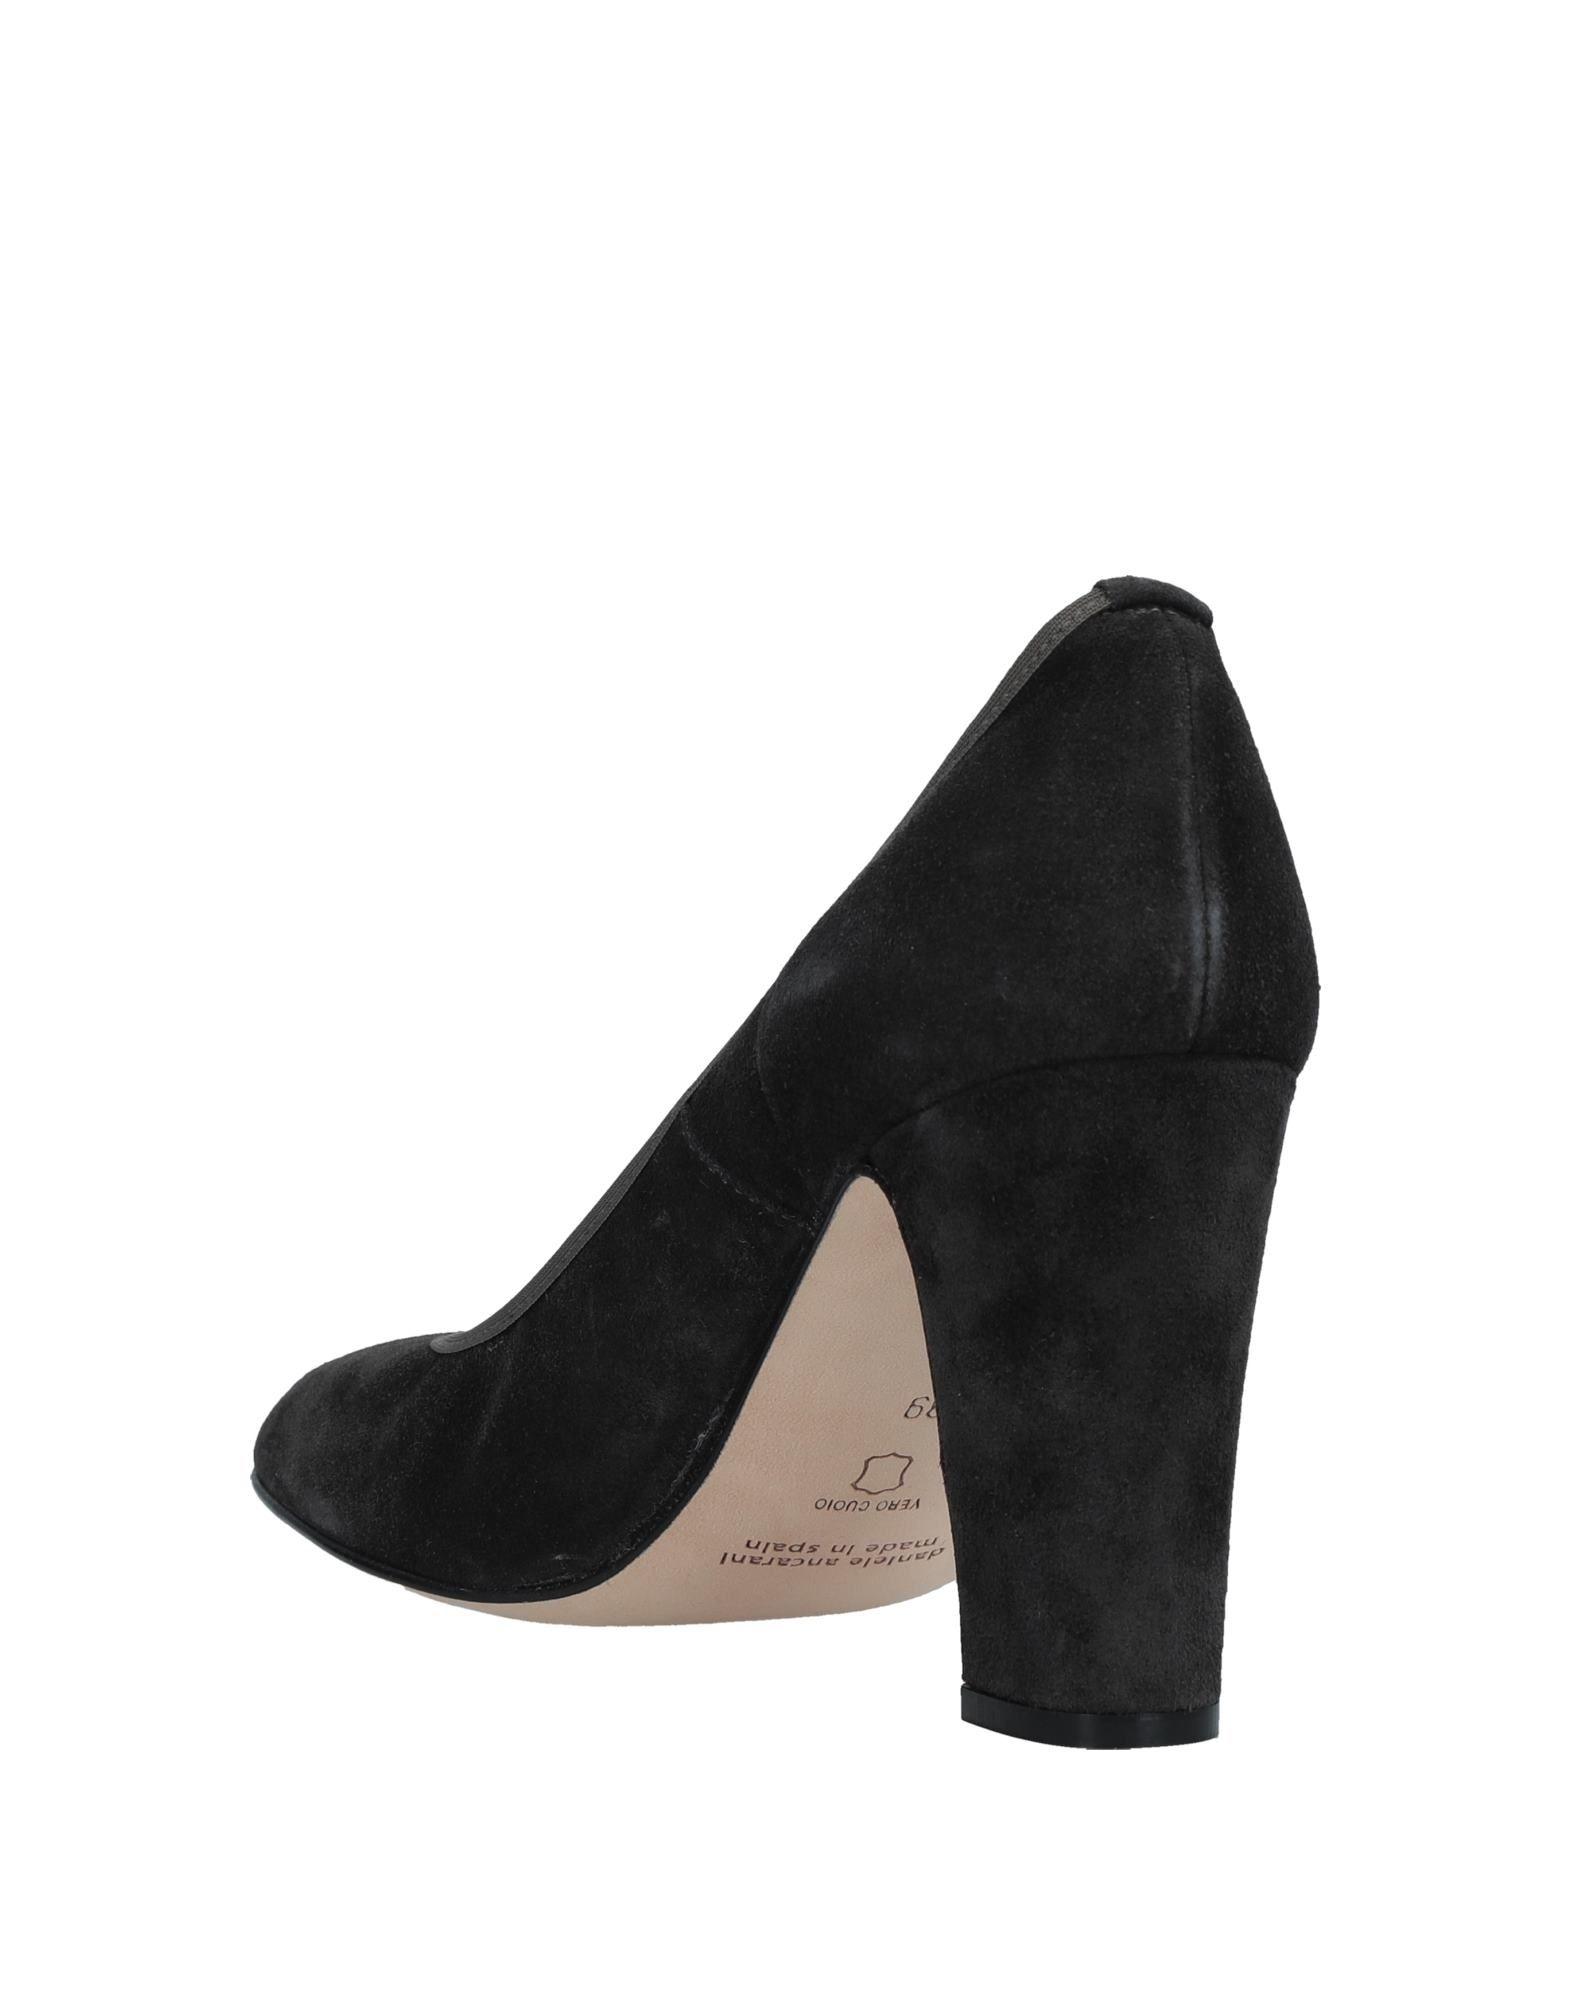 Stilvolle billige Daniele Schuhe Le Scarpe Di Daniele billige Pumps Damen  11538828KW 2729d9